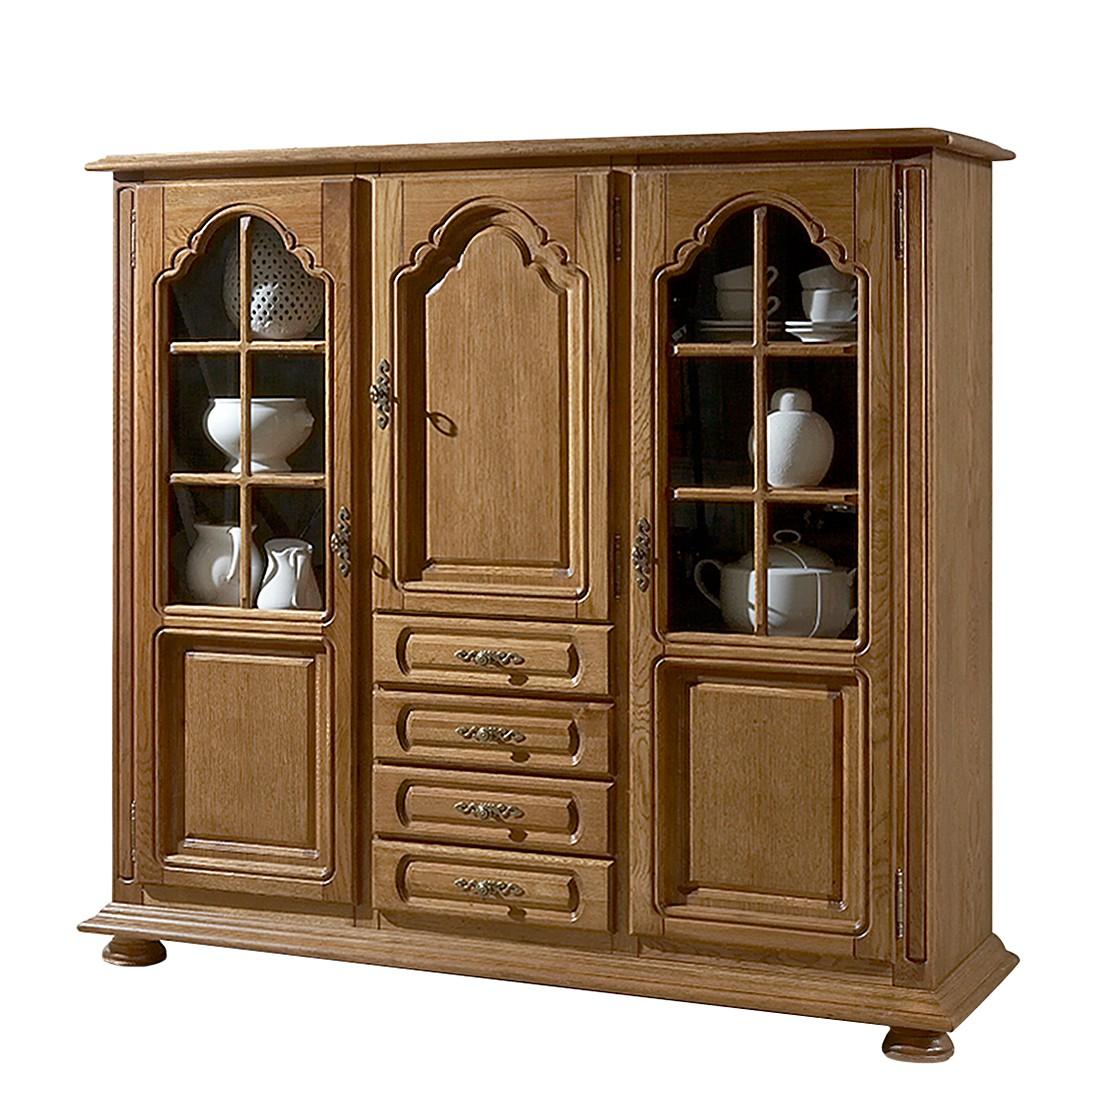 kommode eiche rustikal g nstig kaufen. Black Bedroom Furniture Sets. Home Design Ideas